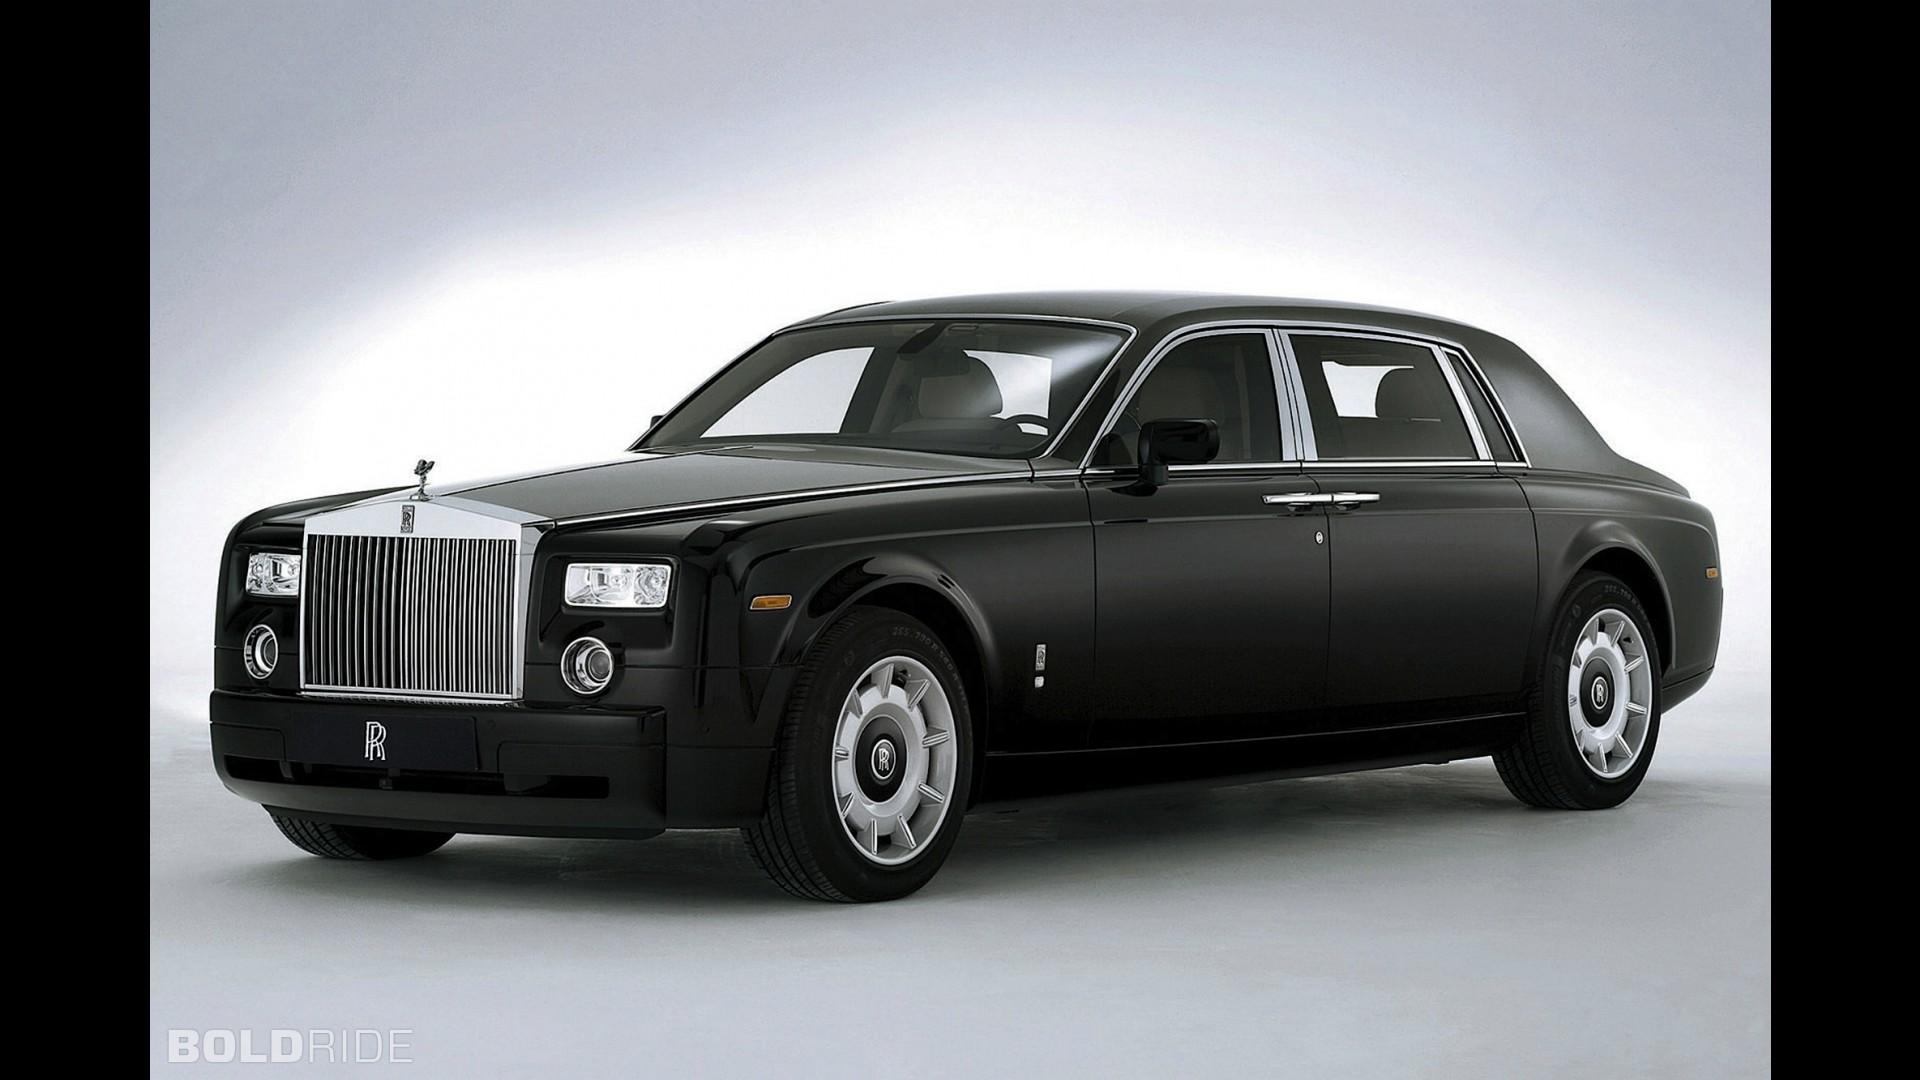 rollsroyce phantom extended wheelbase